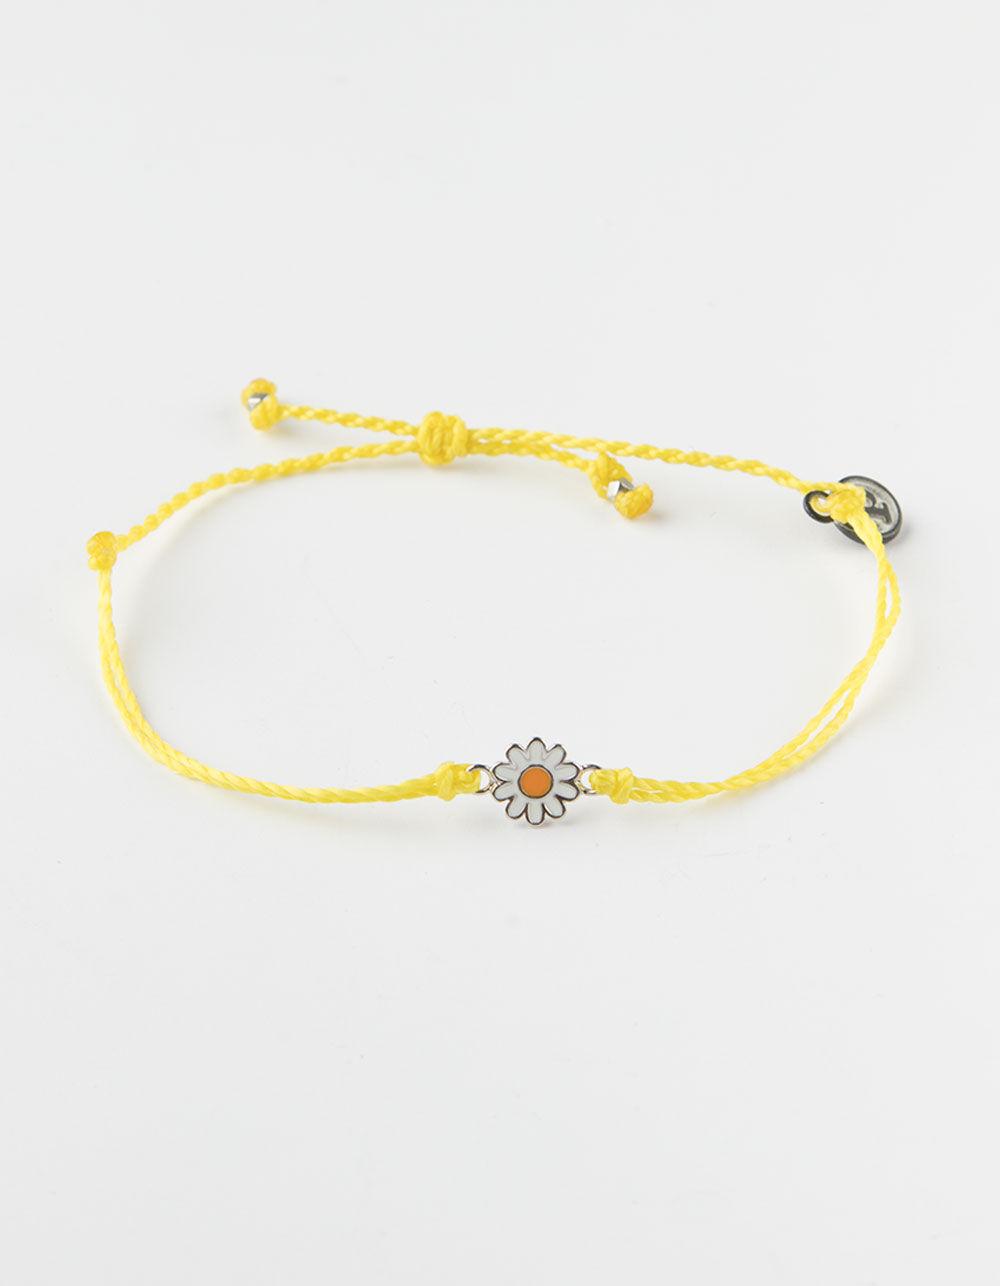 PURA VIDA Daisy Yellow Bracelet